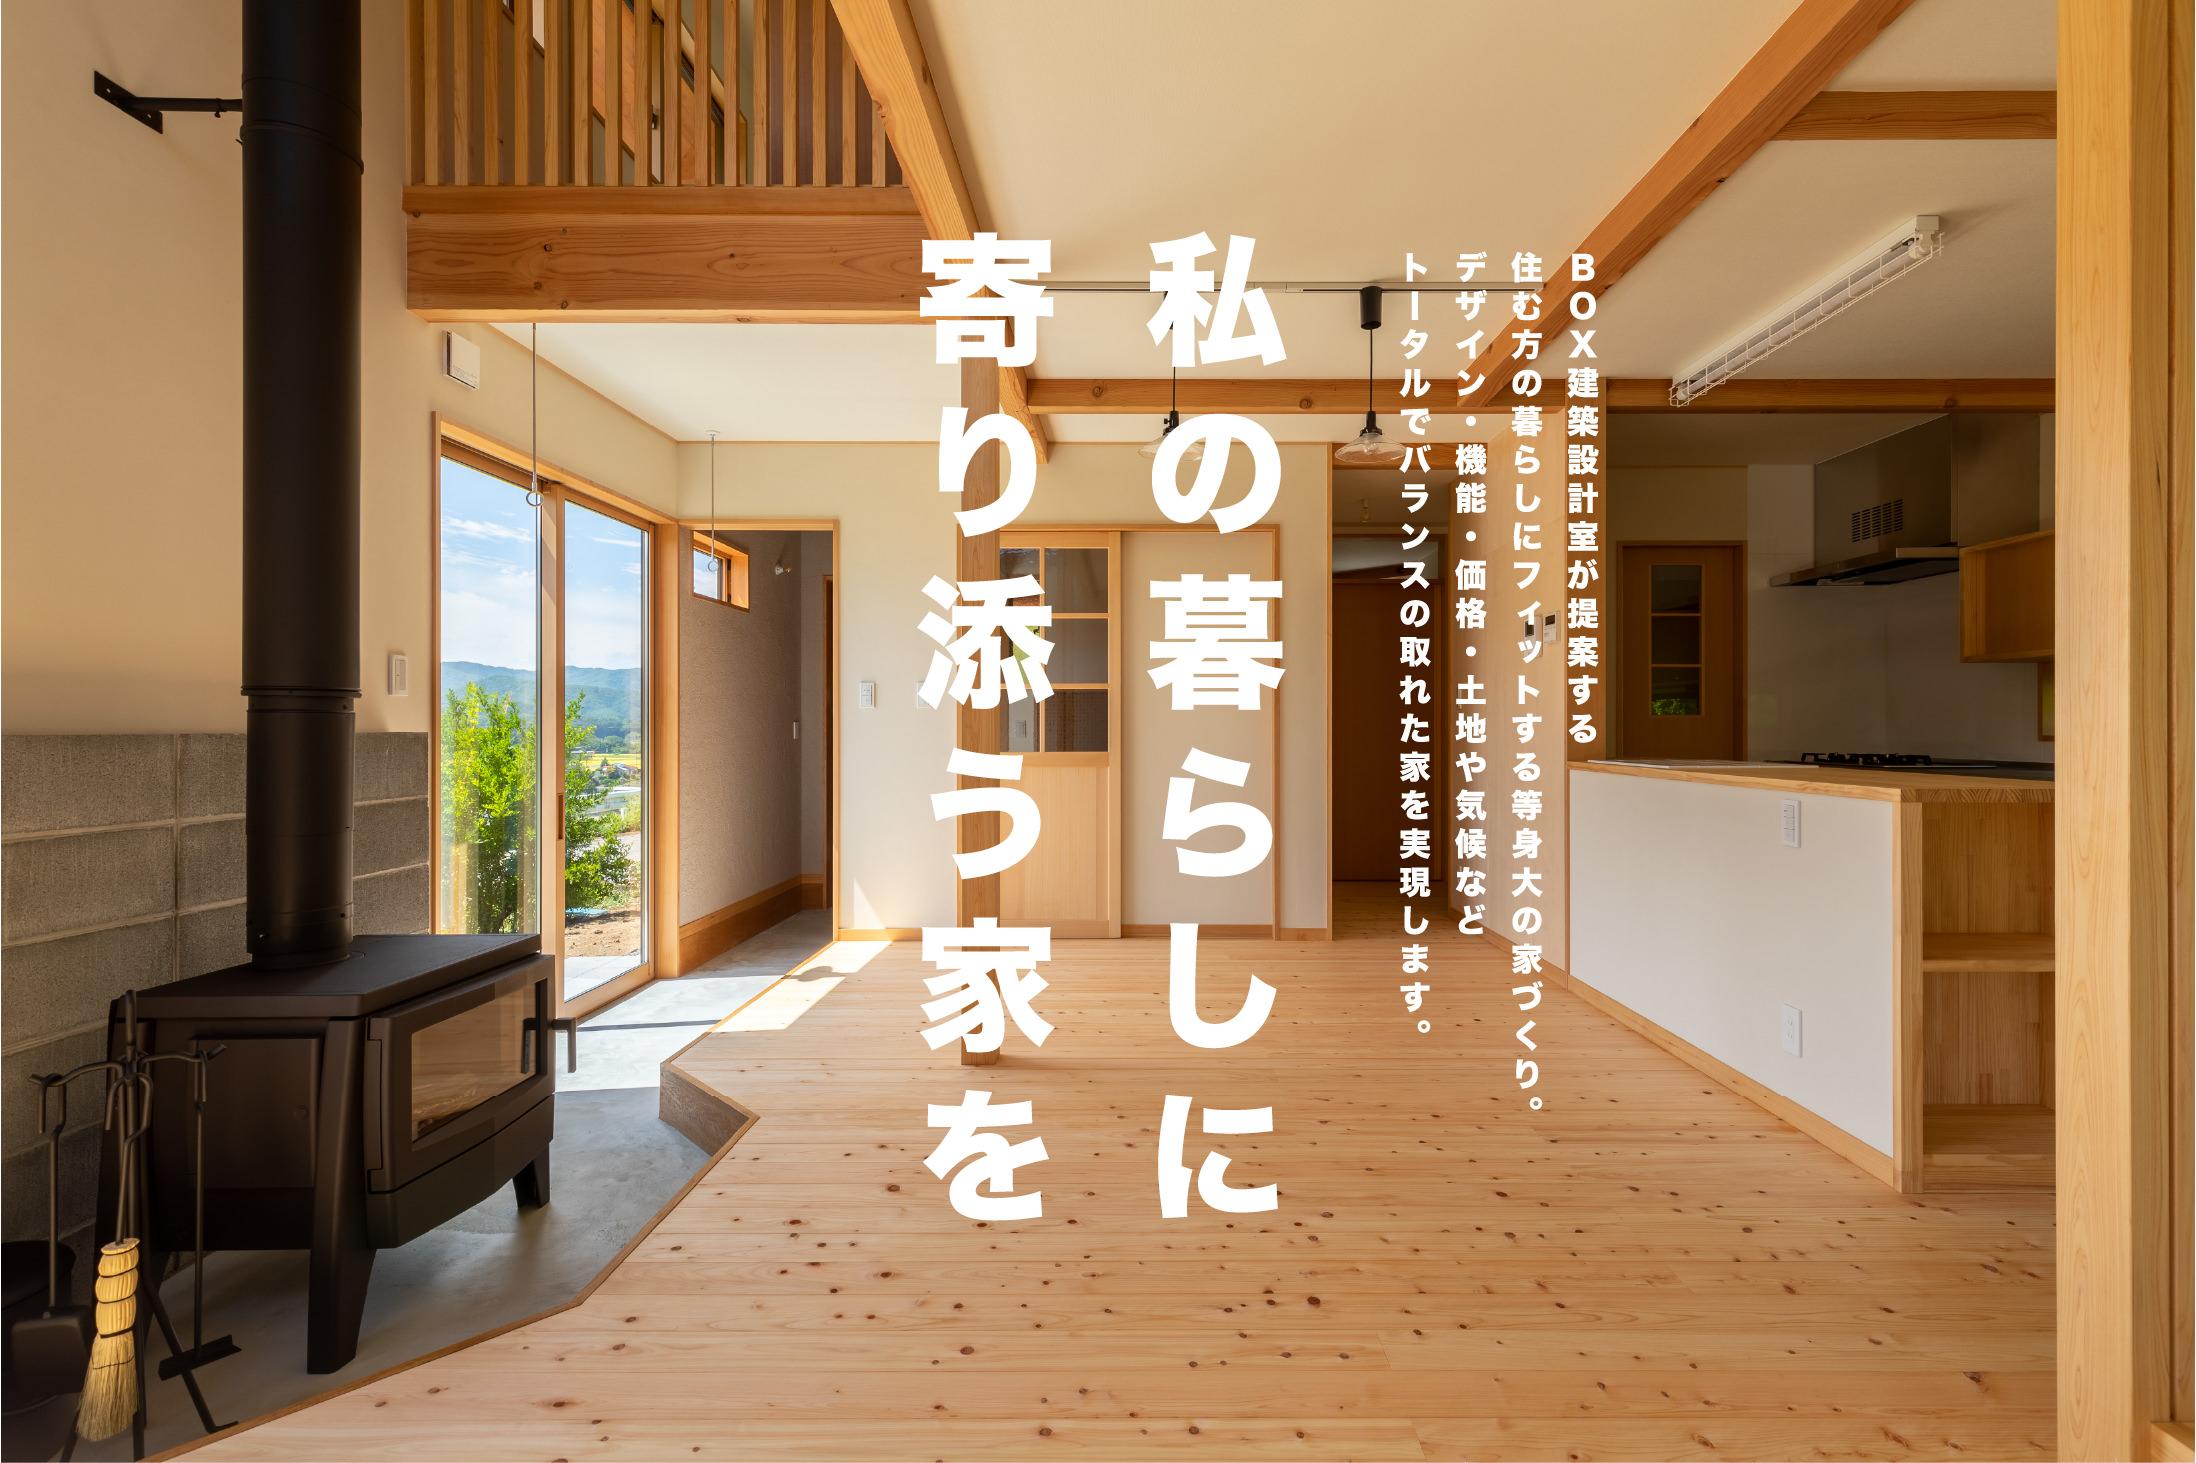 私の暮らしに寄り添う家 BOX建築設計室が提案する住む方の暮らしにフィットする等身大の家づくり。デザイン・機能・価格・土地や気候などトータルでバランスの取れた家を実現します。